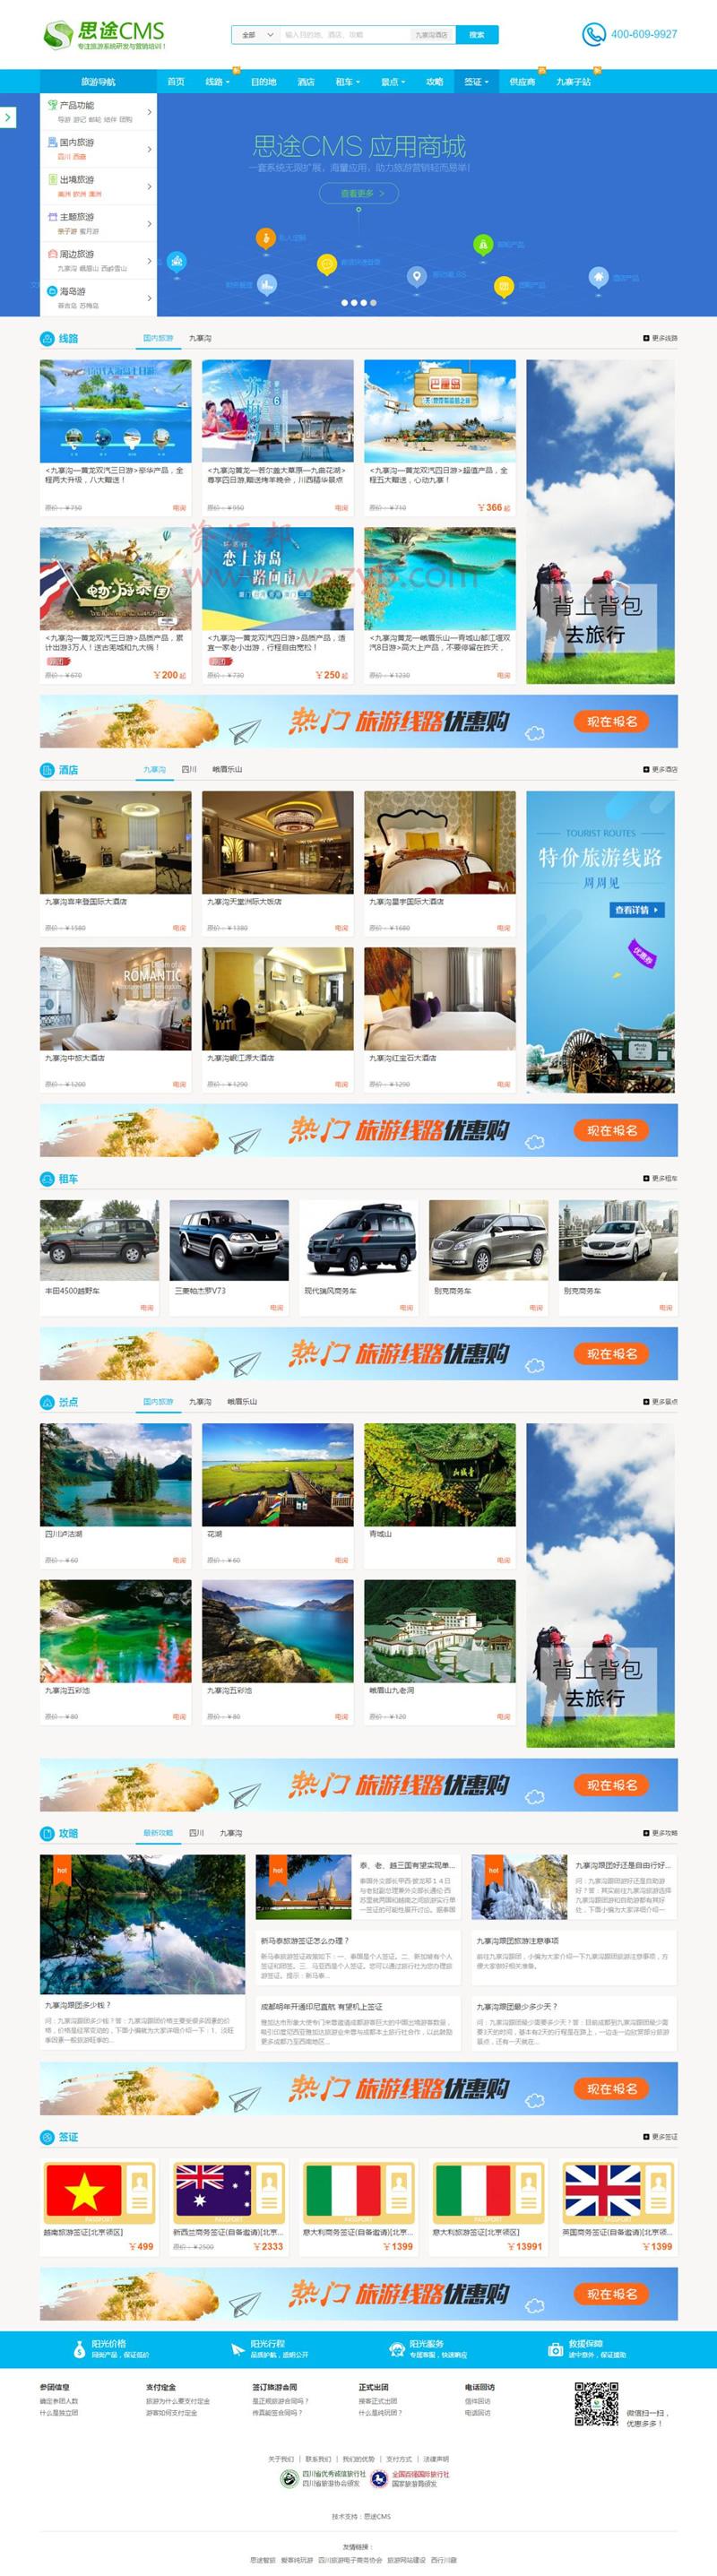 思途CMS5.0旅游网站系统 商业破解版PHP源码 PC端+WAP手机端+微信端三合一